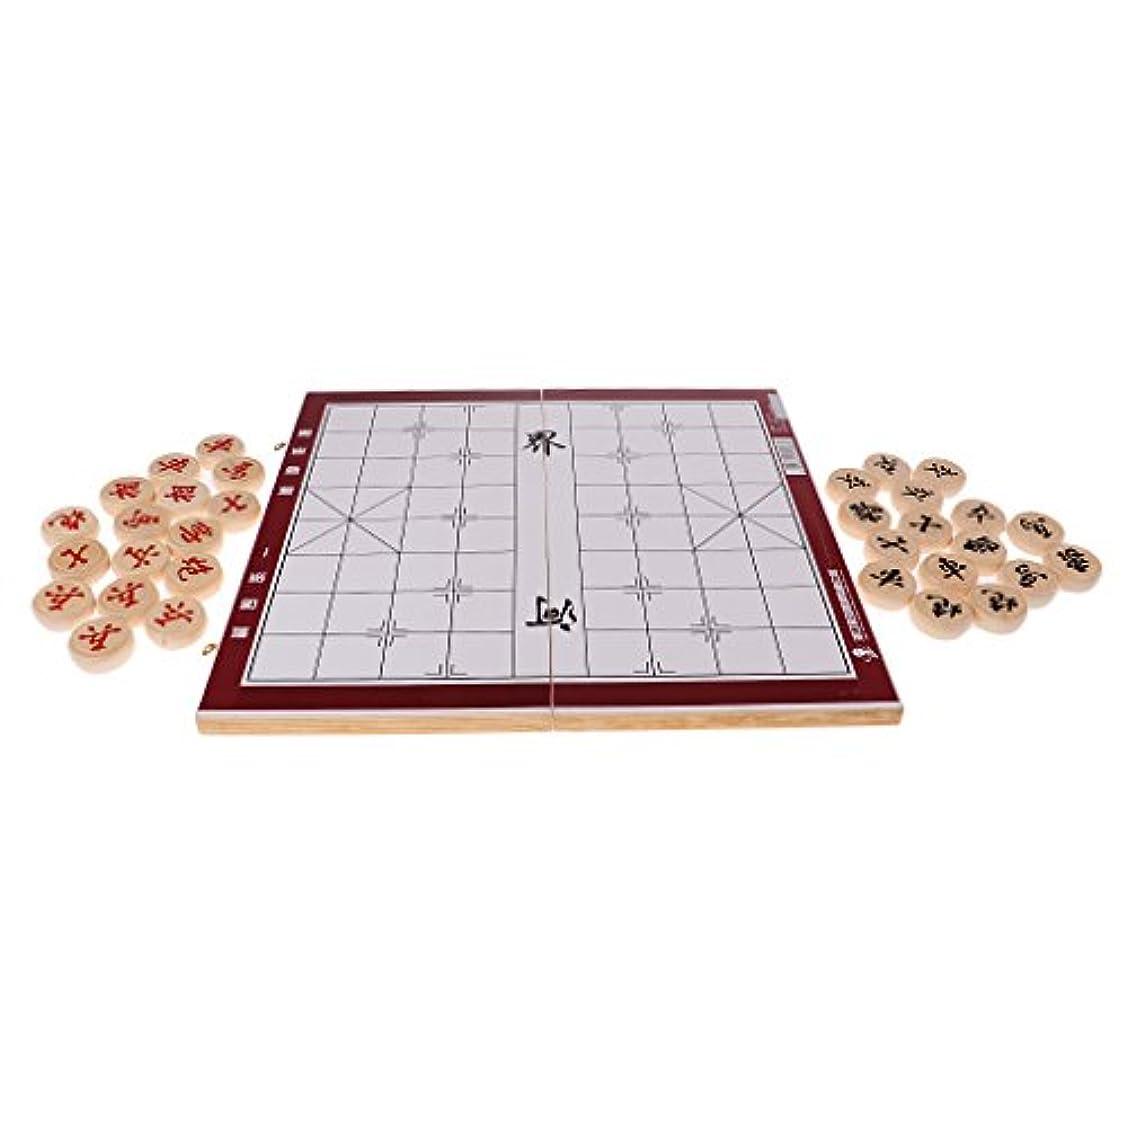 sharprepublic チェスボード チェスピース シャンチー 折りたたみ式 木製 ゲーム チェス愛好家 贈り物 全3選択 - チェス直径4.0cm